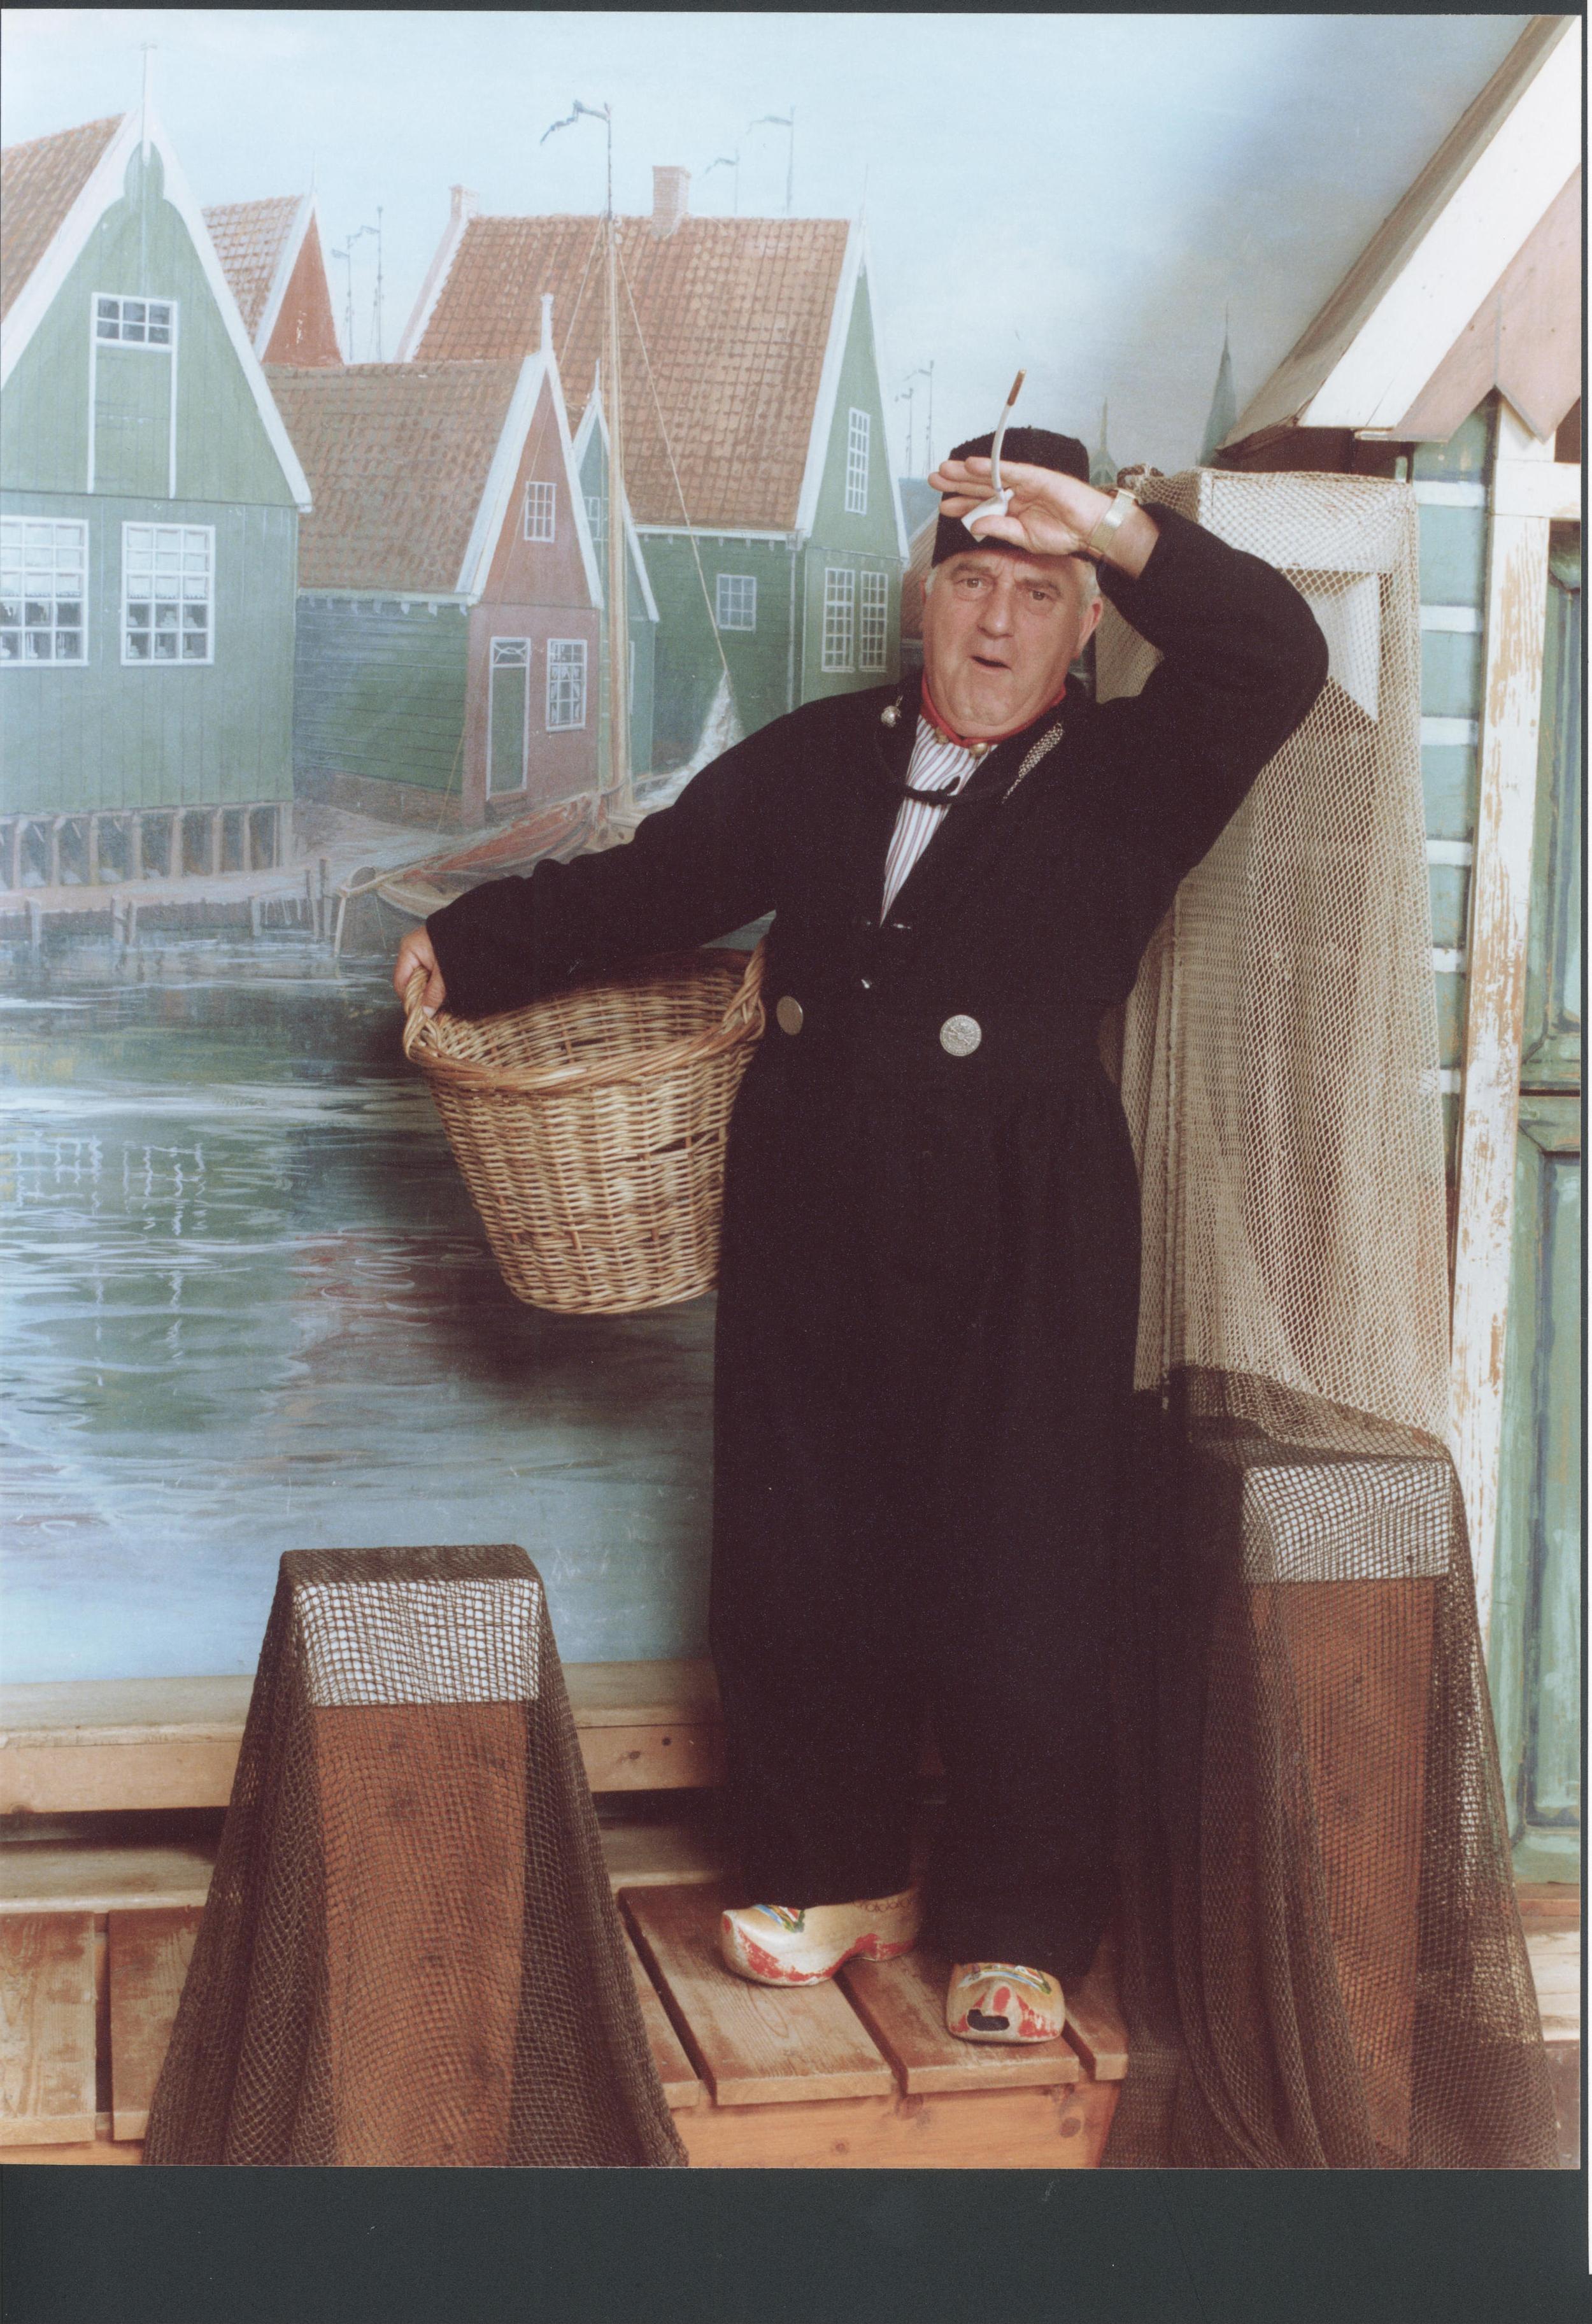 Piet Bambergen in Volendamse klederdracht